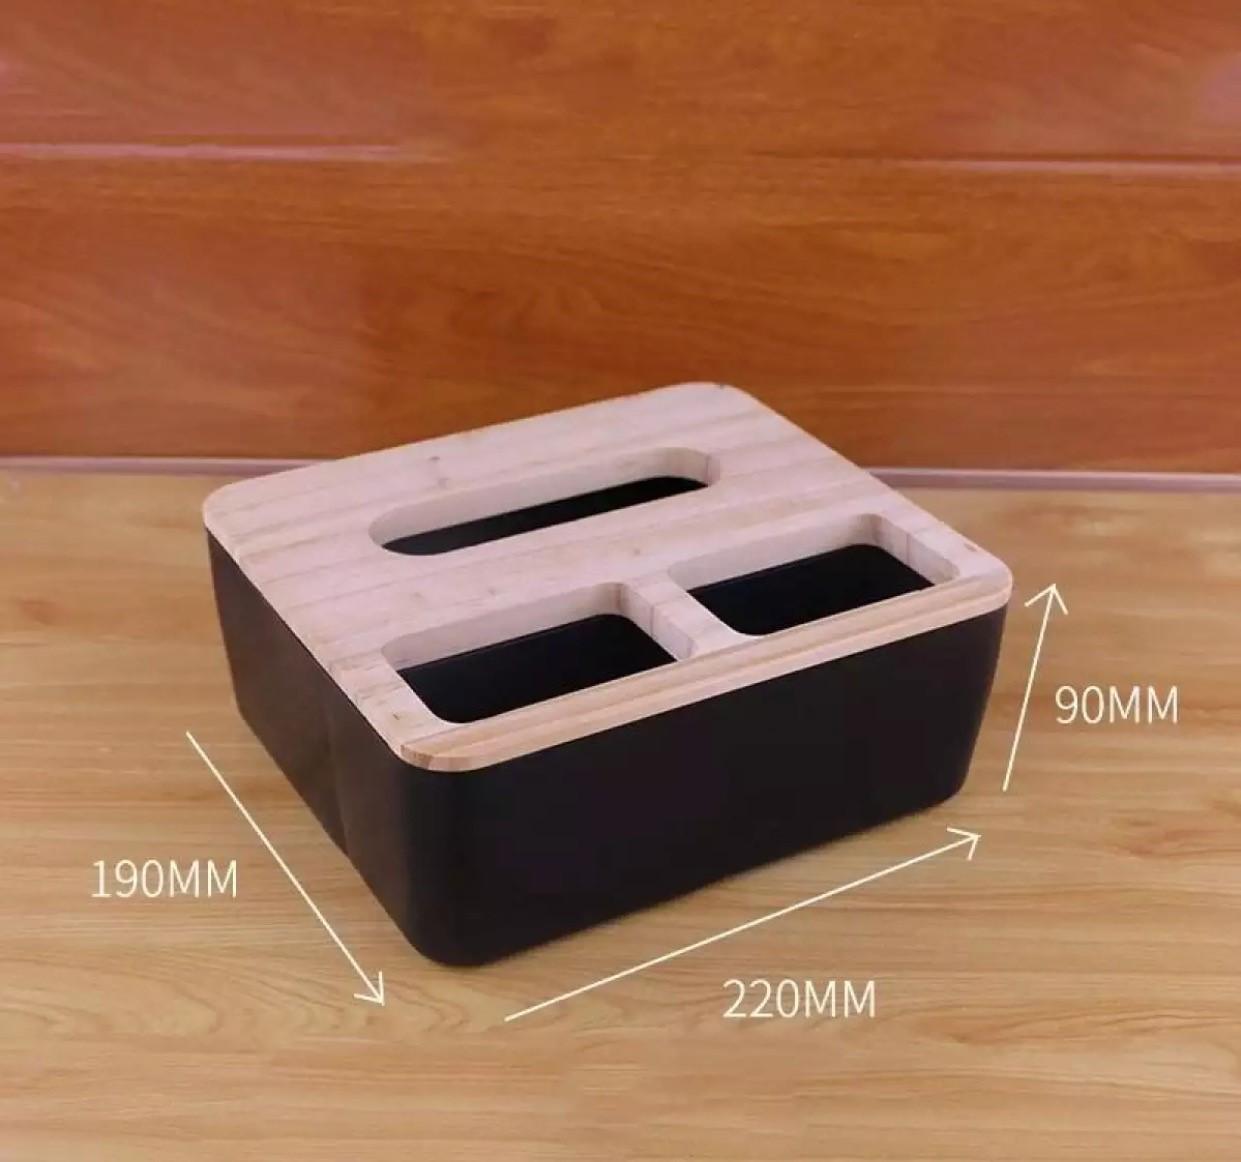 Buy Tissue Holder Tissue Box Online Singapore